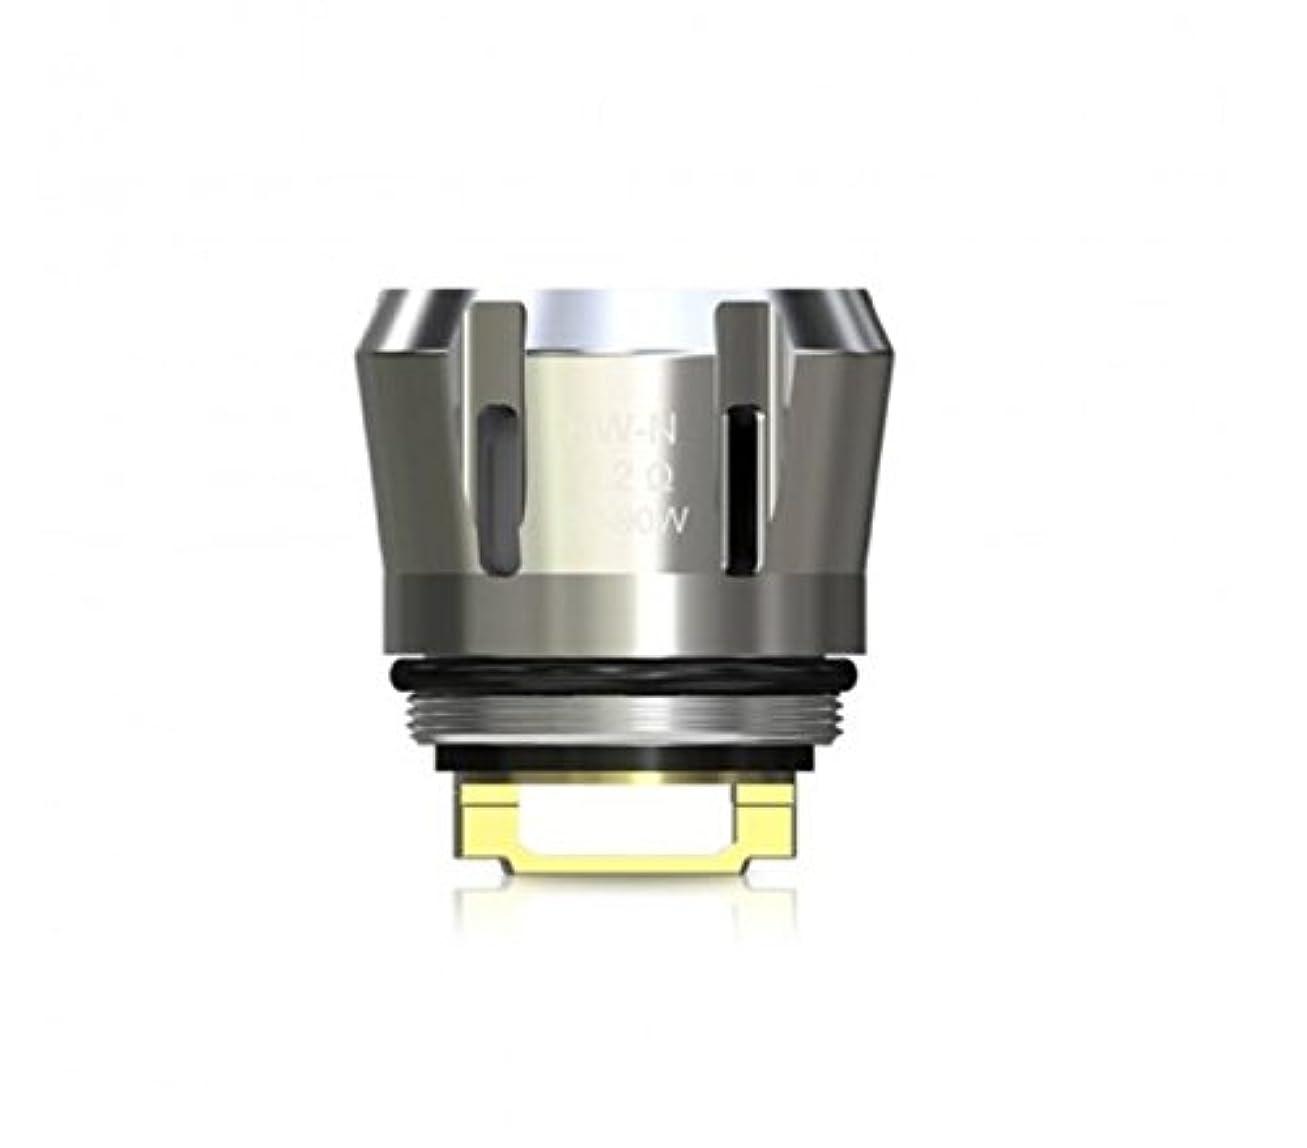 社説リマーク署名正規品 Eleaf HW-M/HW-N Coil Head for Ello Series, Pico S 電子タバコ けんと交換用コイルヘッド (5ピース, HW-N 0.2ohm)